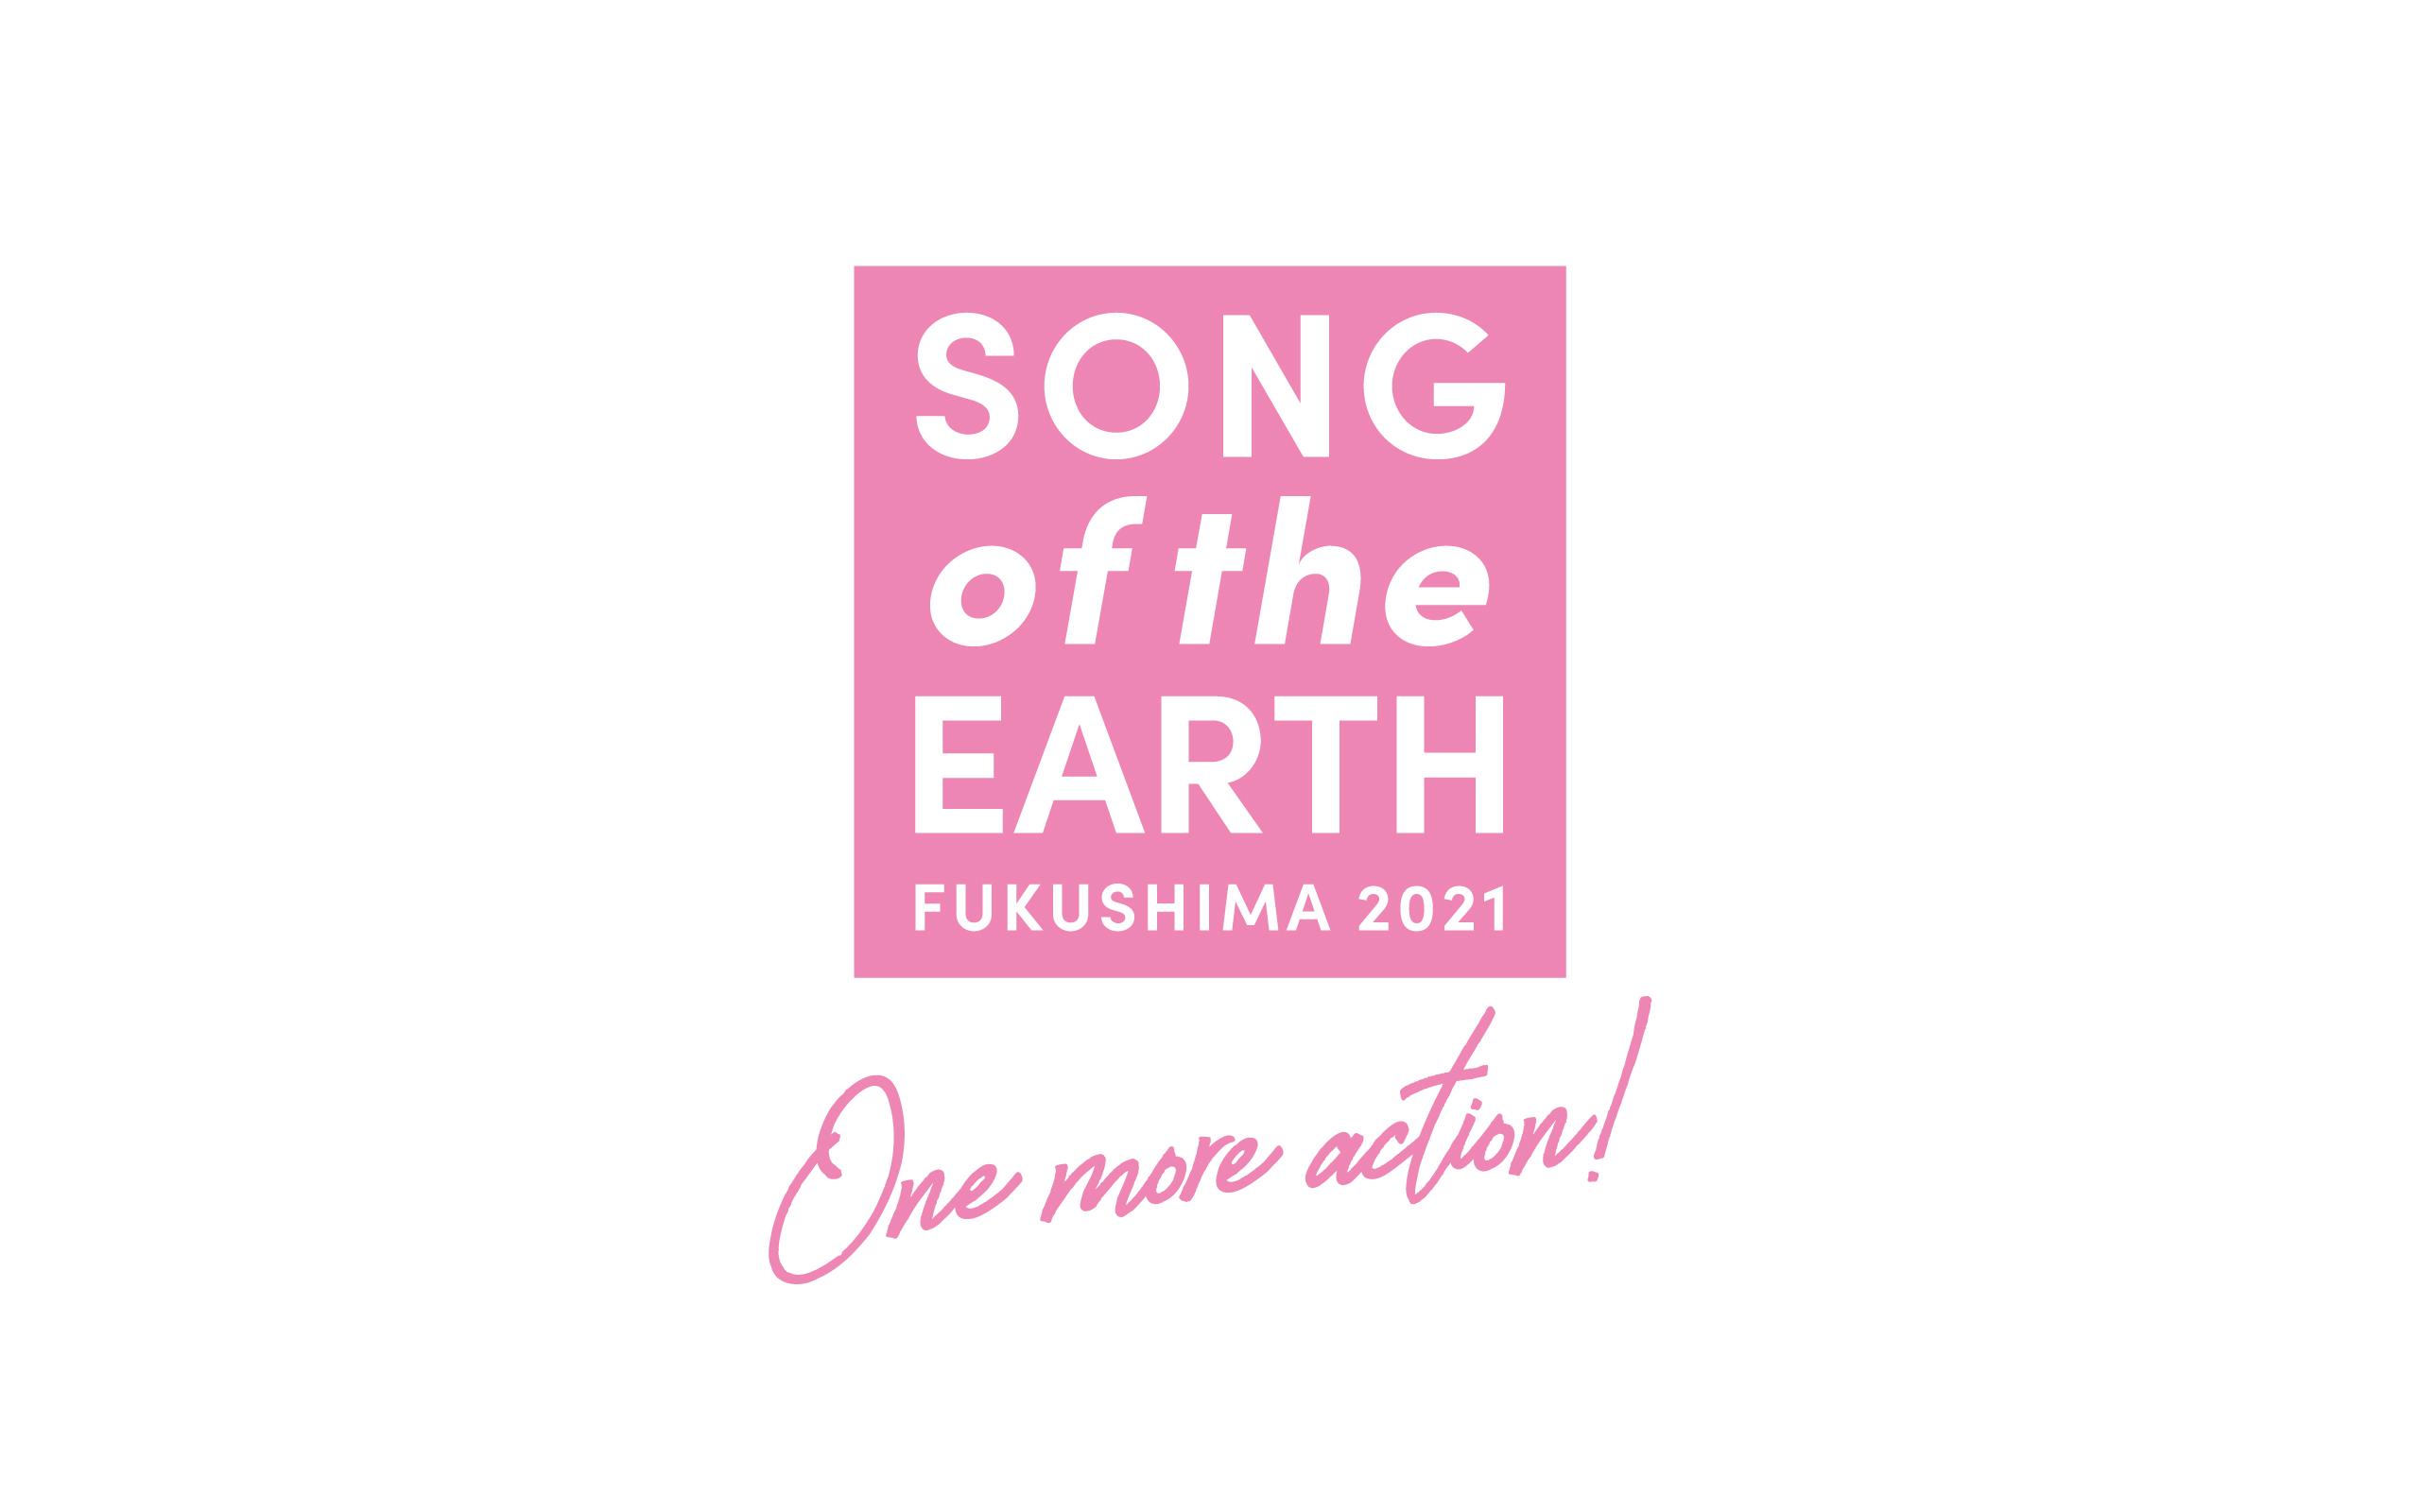 SONG OF THE EARTH 311 -FUKUSHIMA 2021- 複数日での開催決定!